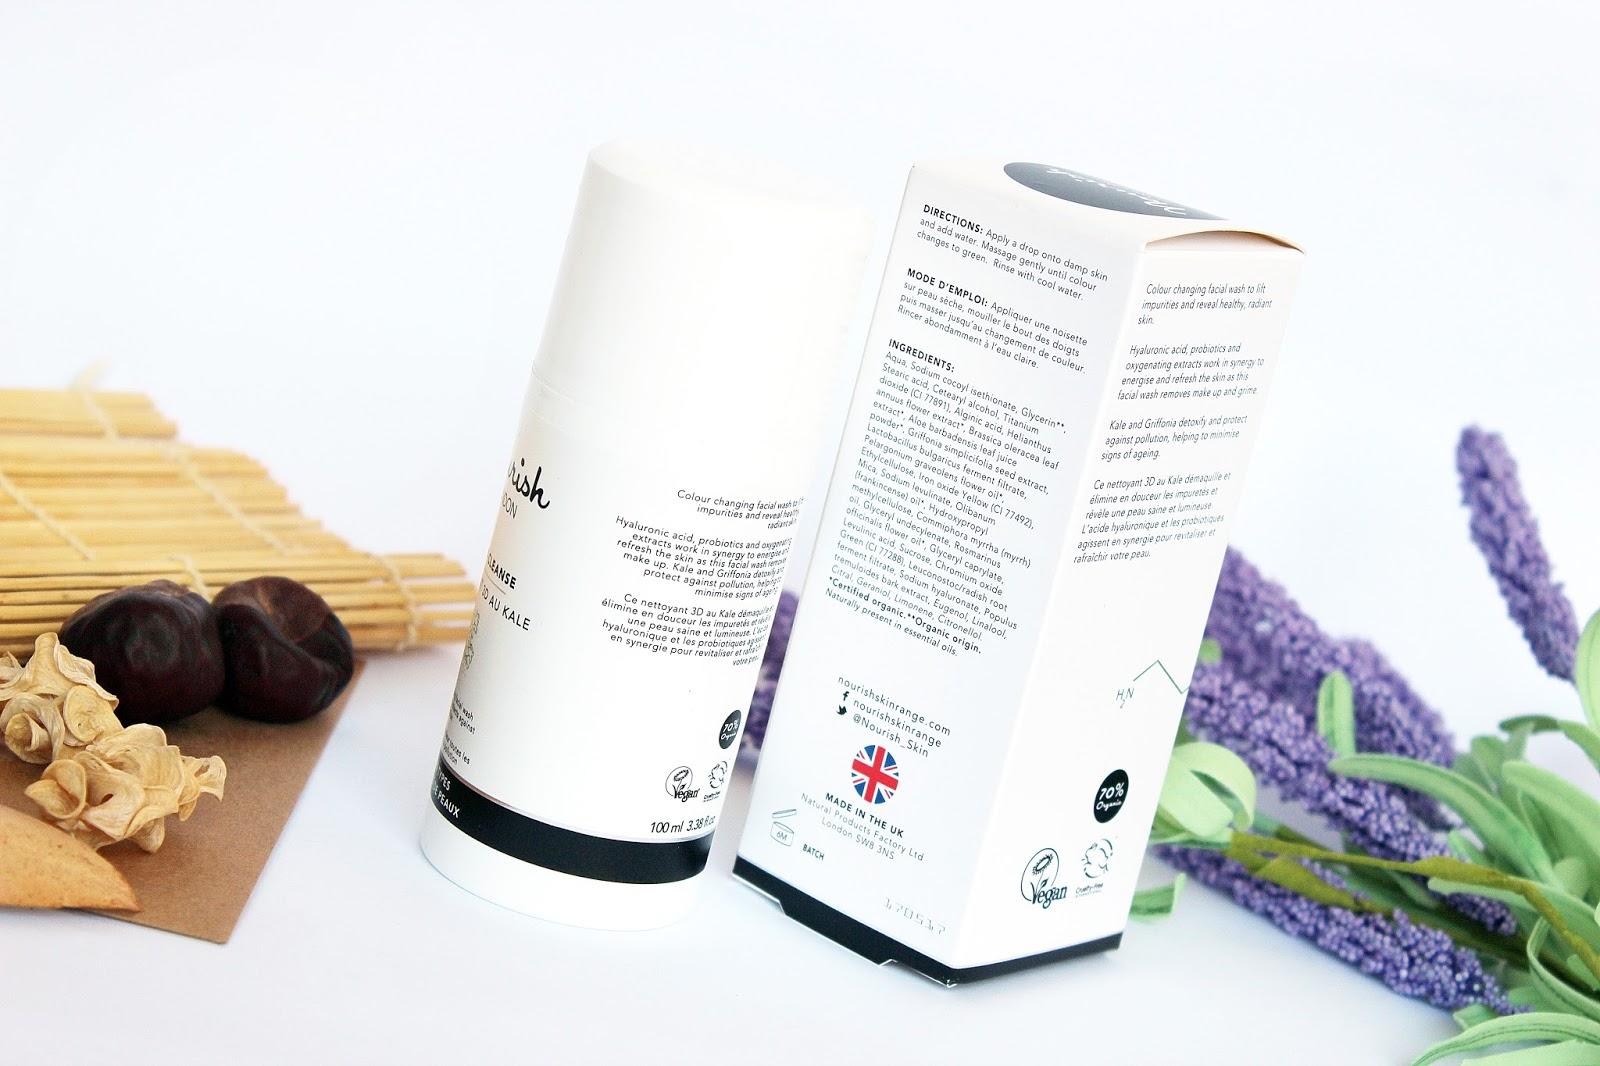 Nourish, Kale 3D Cleanse, czyli oczyszczająca emulsja z jarmużem